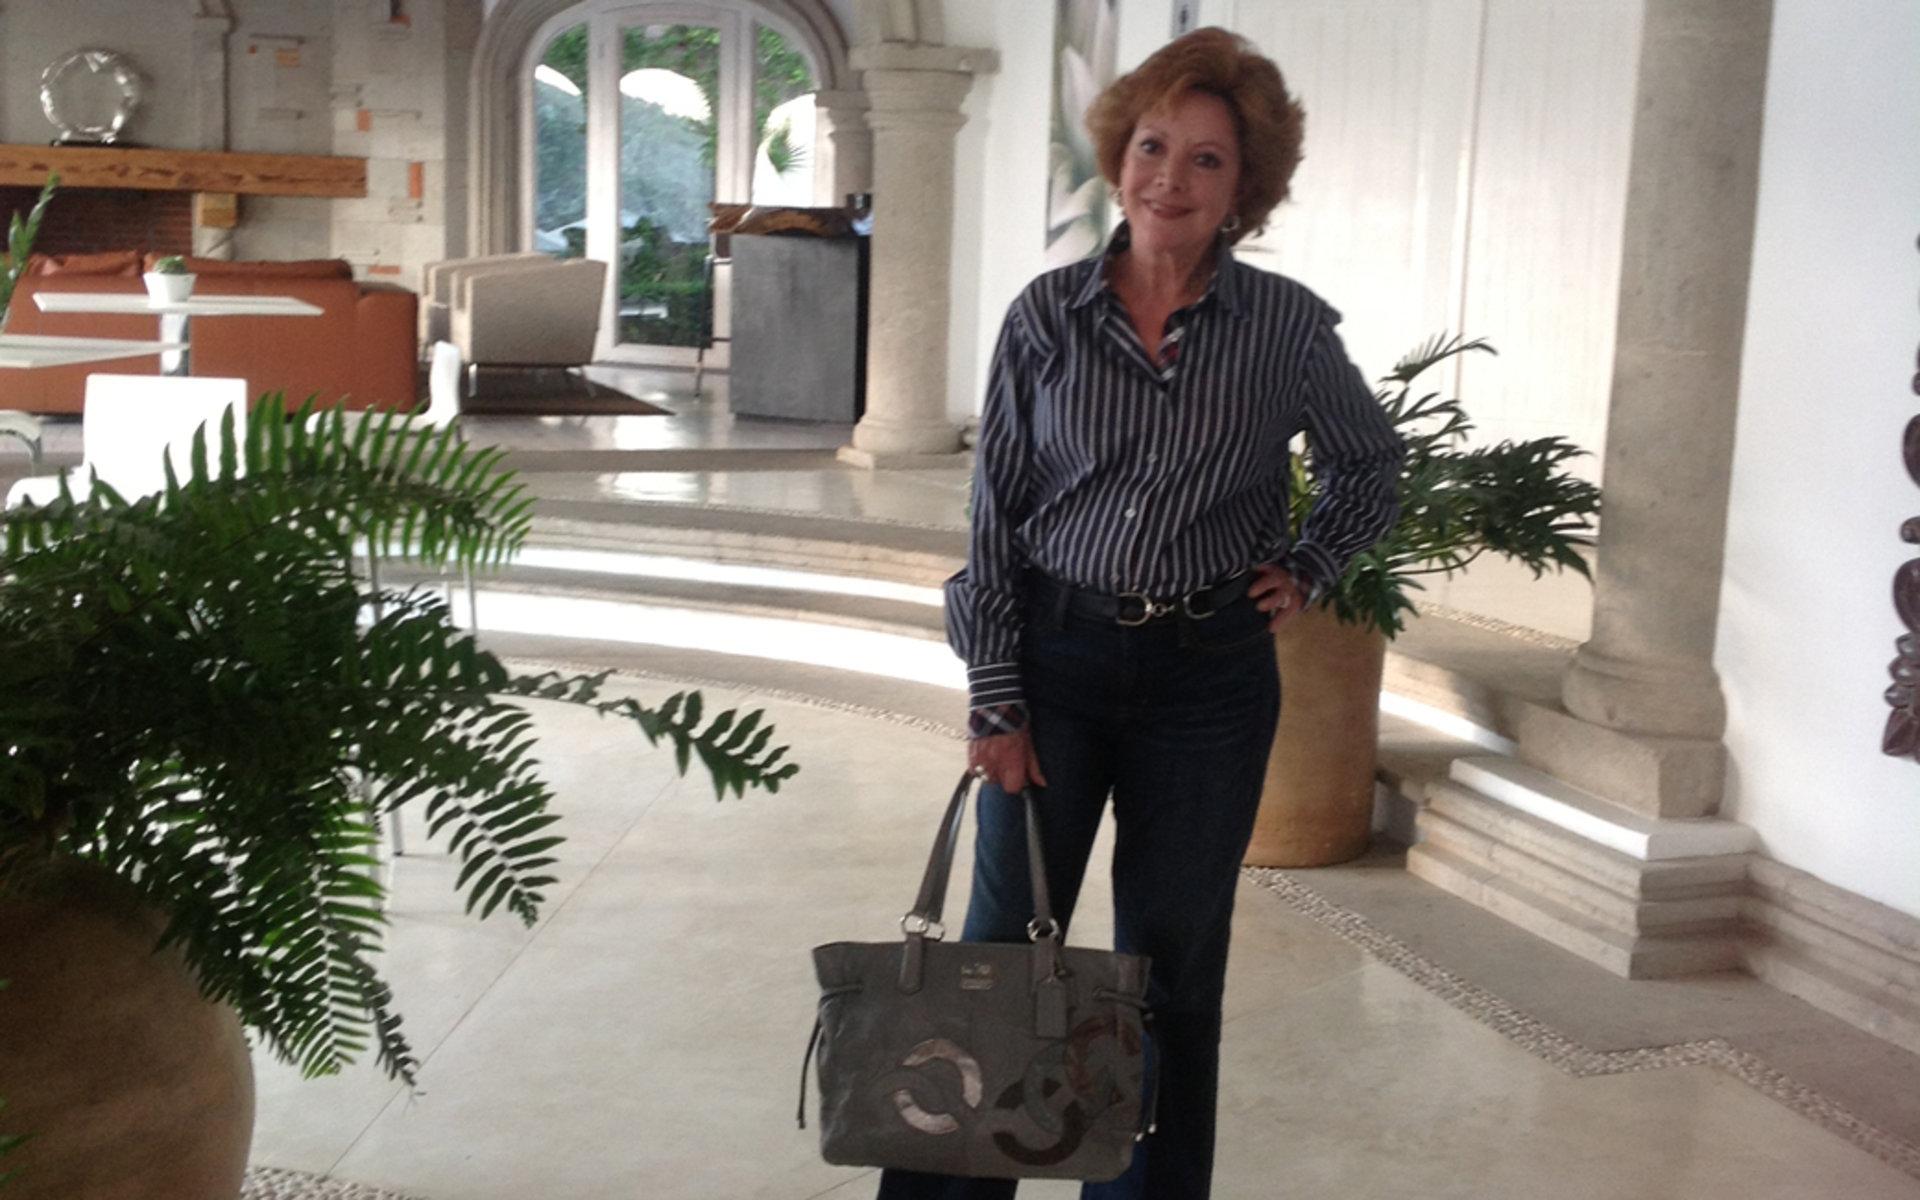 Ventaneando en hotel de la ciudad de mexico con foxyhotwifecdmx su esposo cogiendonos sin condon a las dos - 4 2